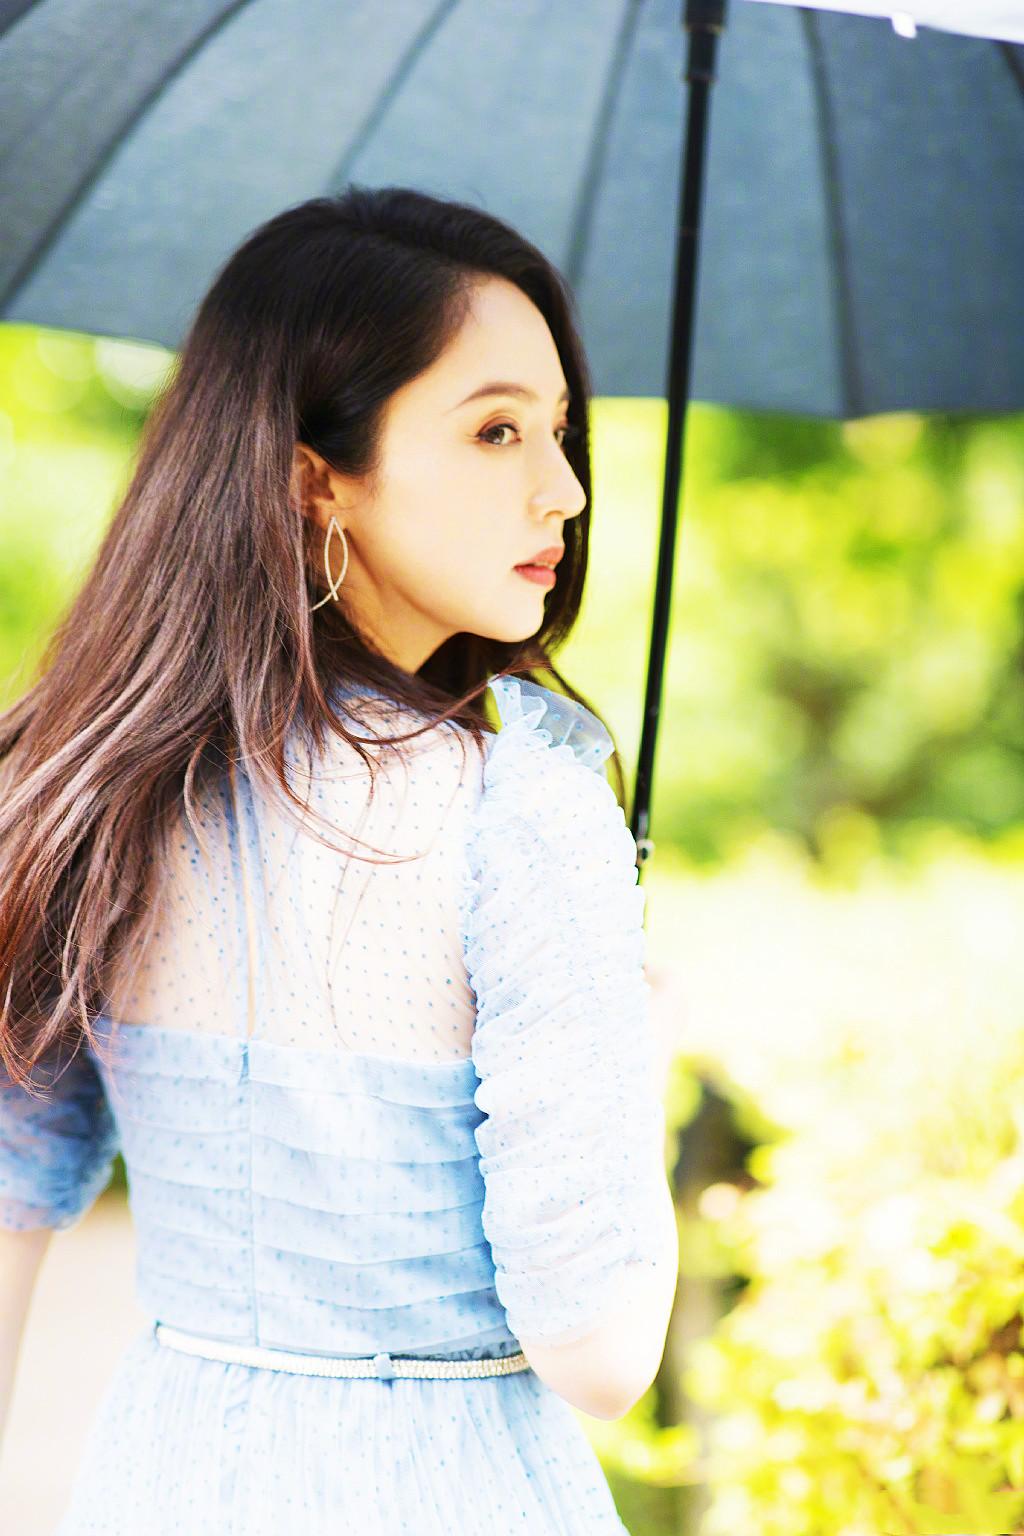 董璇撑伞氛围感大片,一身蓝色连衣裙温柔优雅,41岁身材状态真好